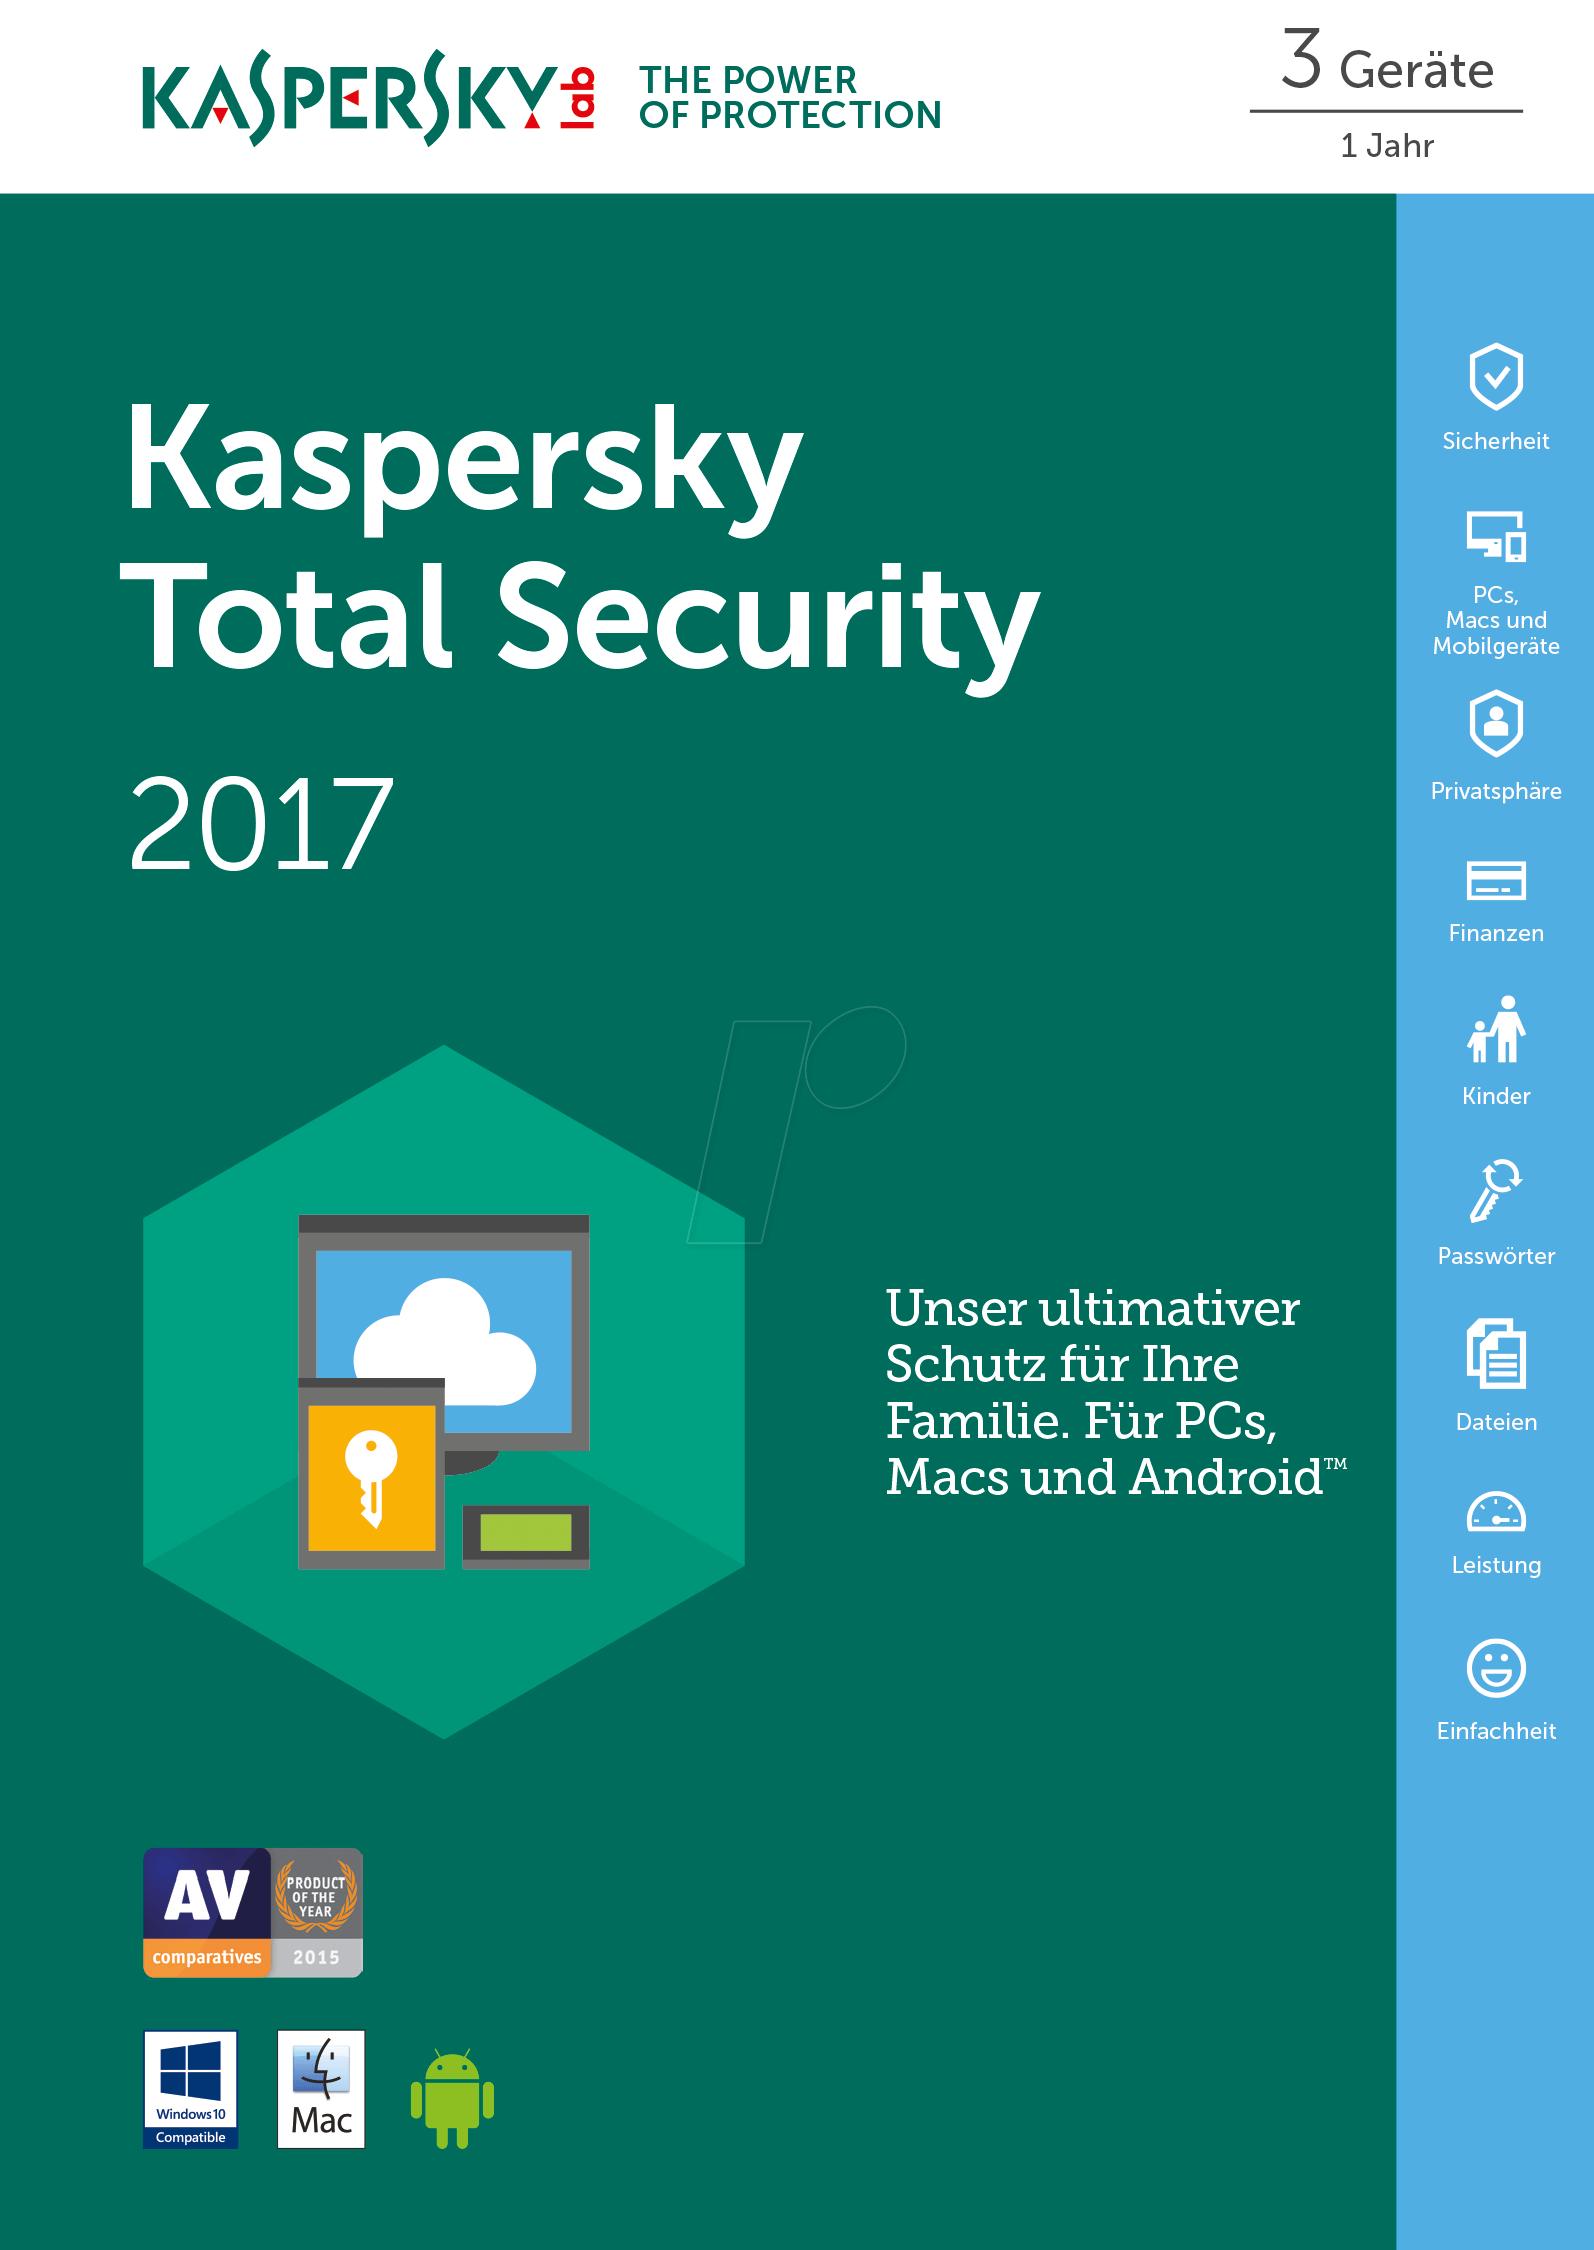 https://cdn-reichelt.de/bilder/web/xxl_ws/G500/KASPERSKY_TS2017_02.png